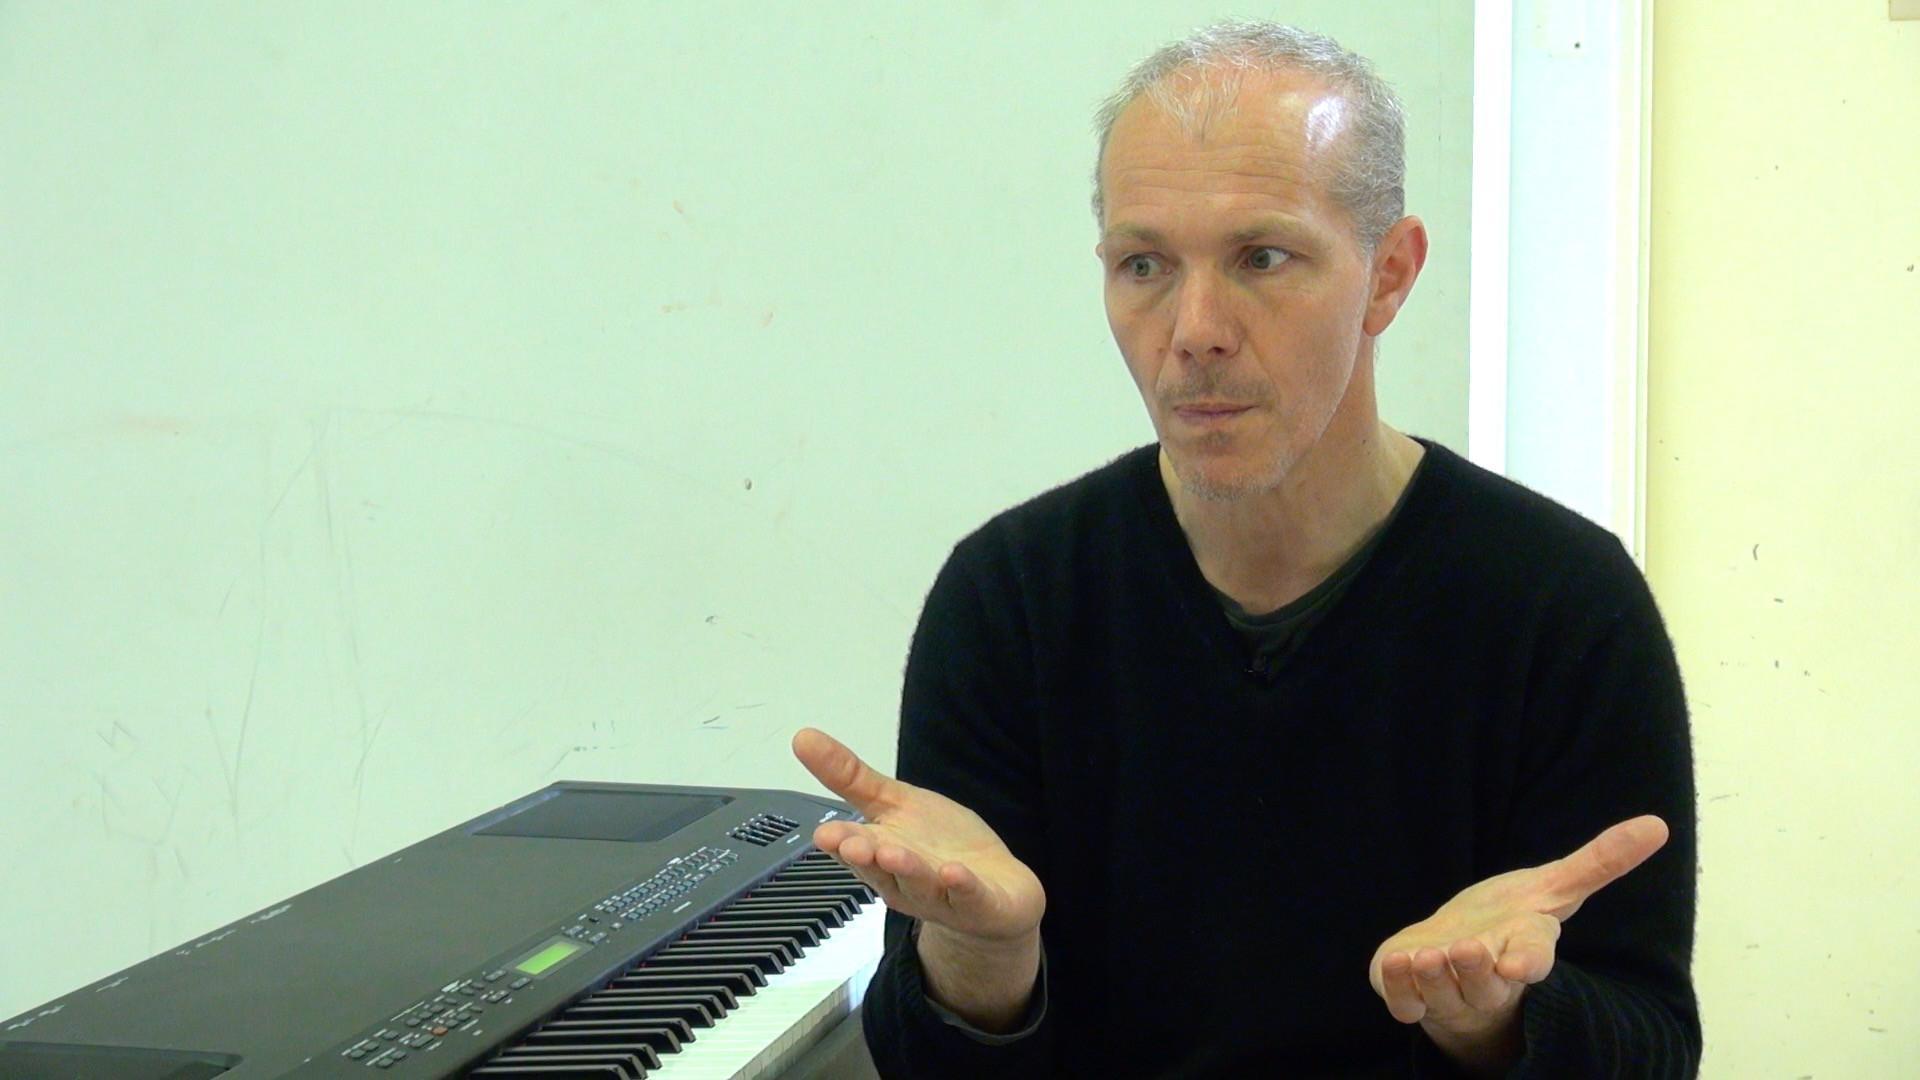 """Vidéo """"Sur les cendres en avant"""" de Pierre Notte / Présentation par l'auteur"""